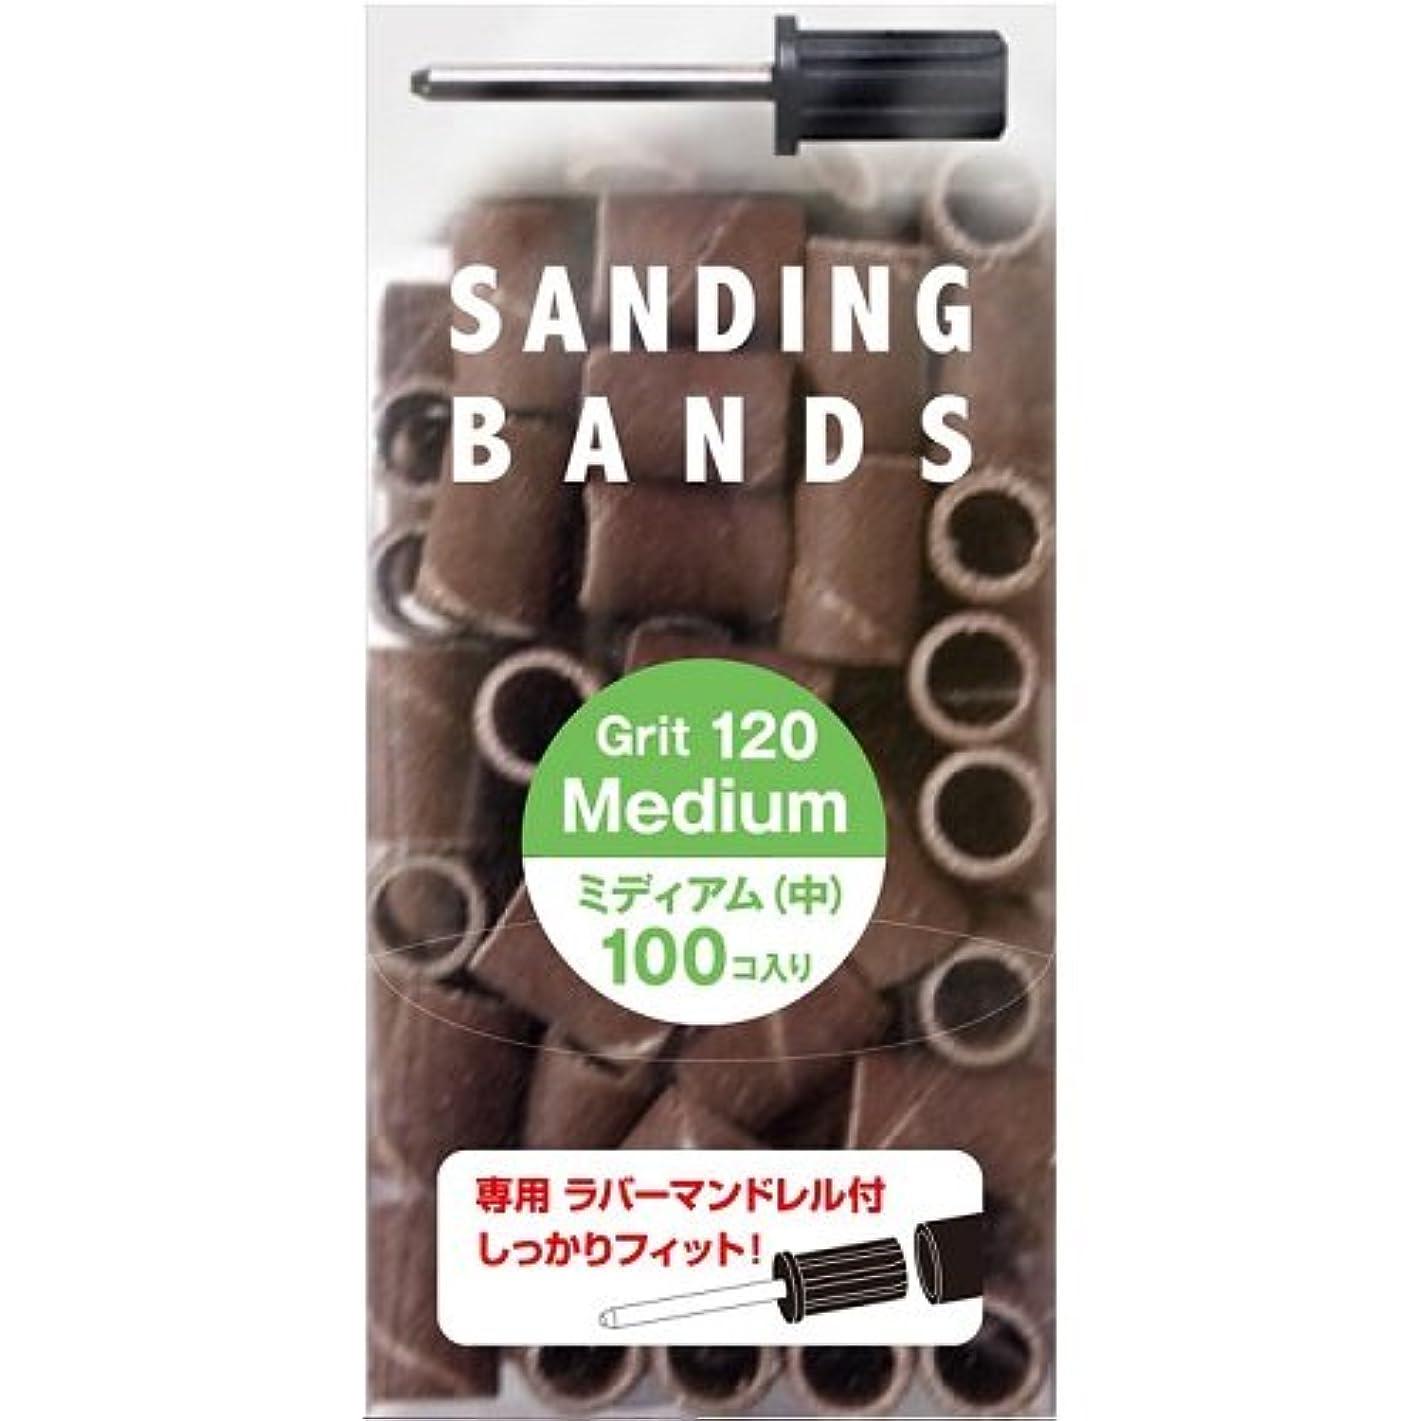 アメリカスーダン硬いサンディングバンド(SB-120)